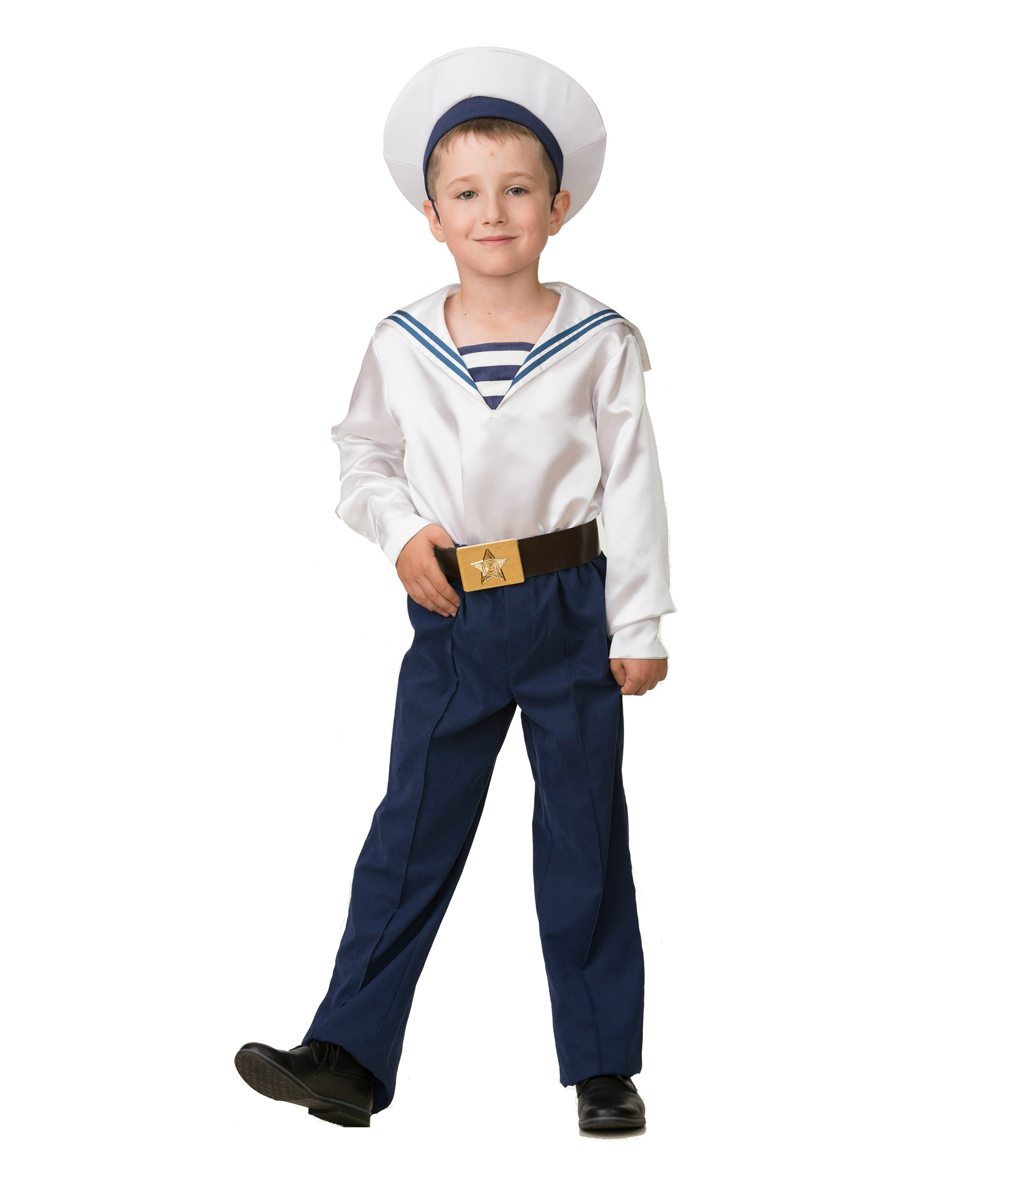 Батик Костюм карнавальный для мальчика Матрос парадный размер 36